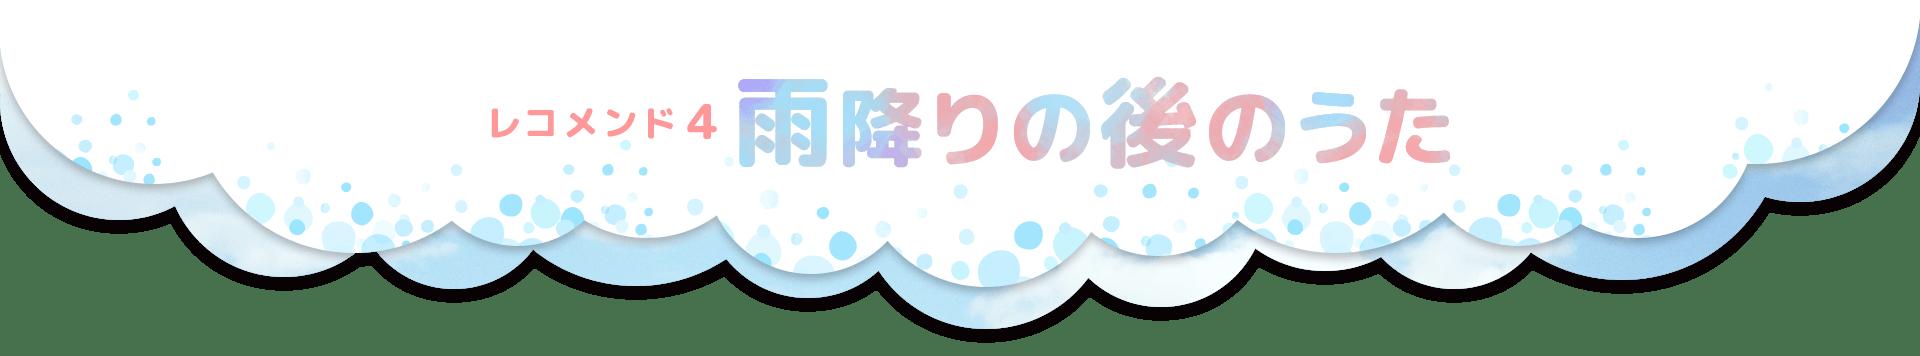 レコメンド4:雨降りの後のうた